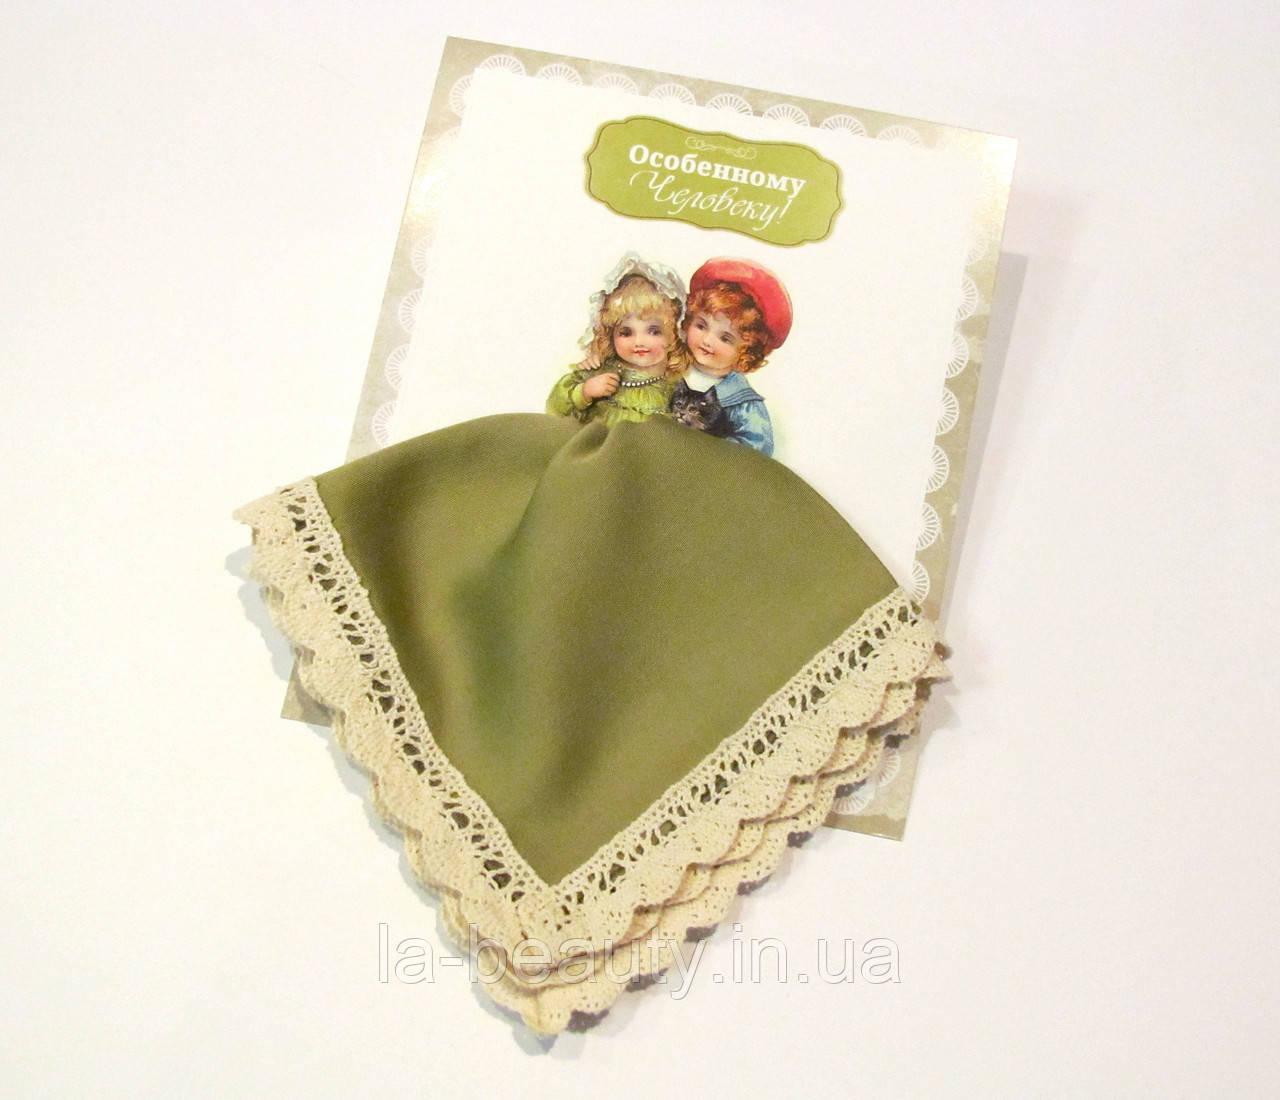 Носовой платок подарочный оливковый с кружевом Особенному Человеку!